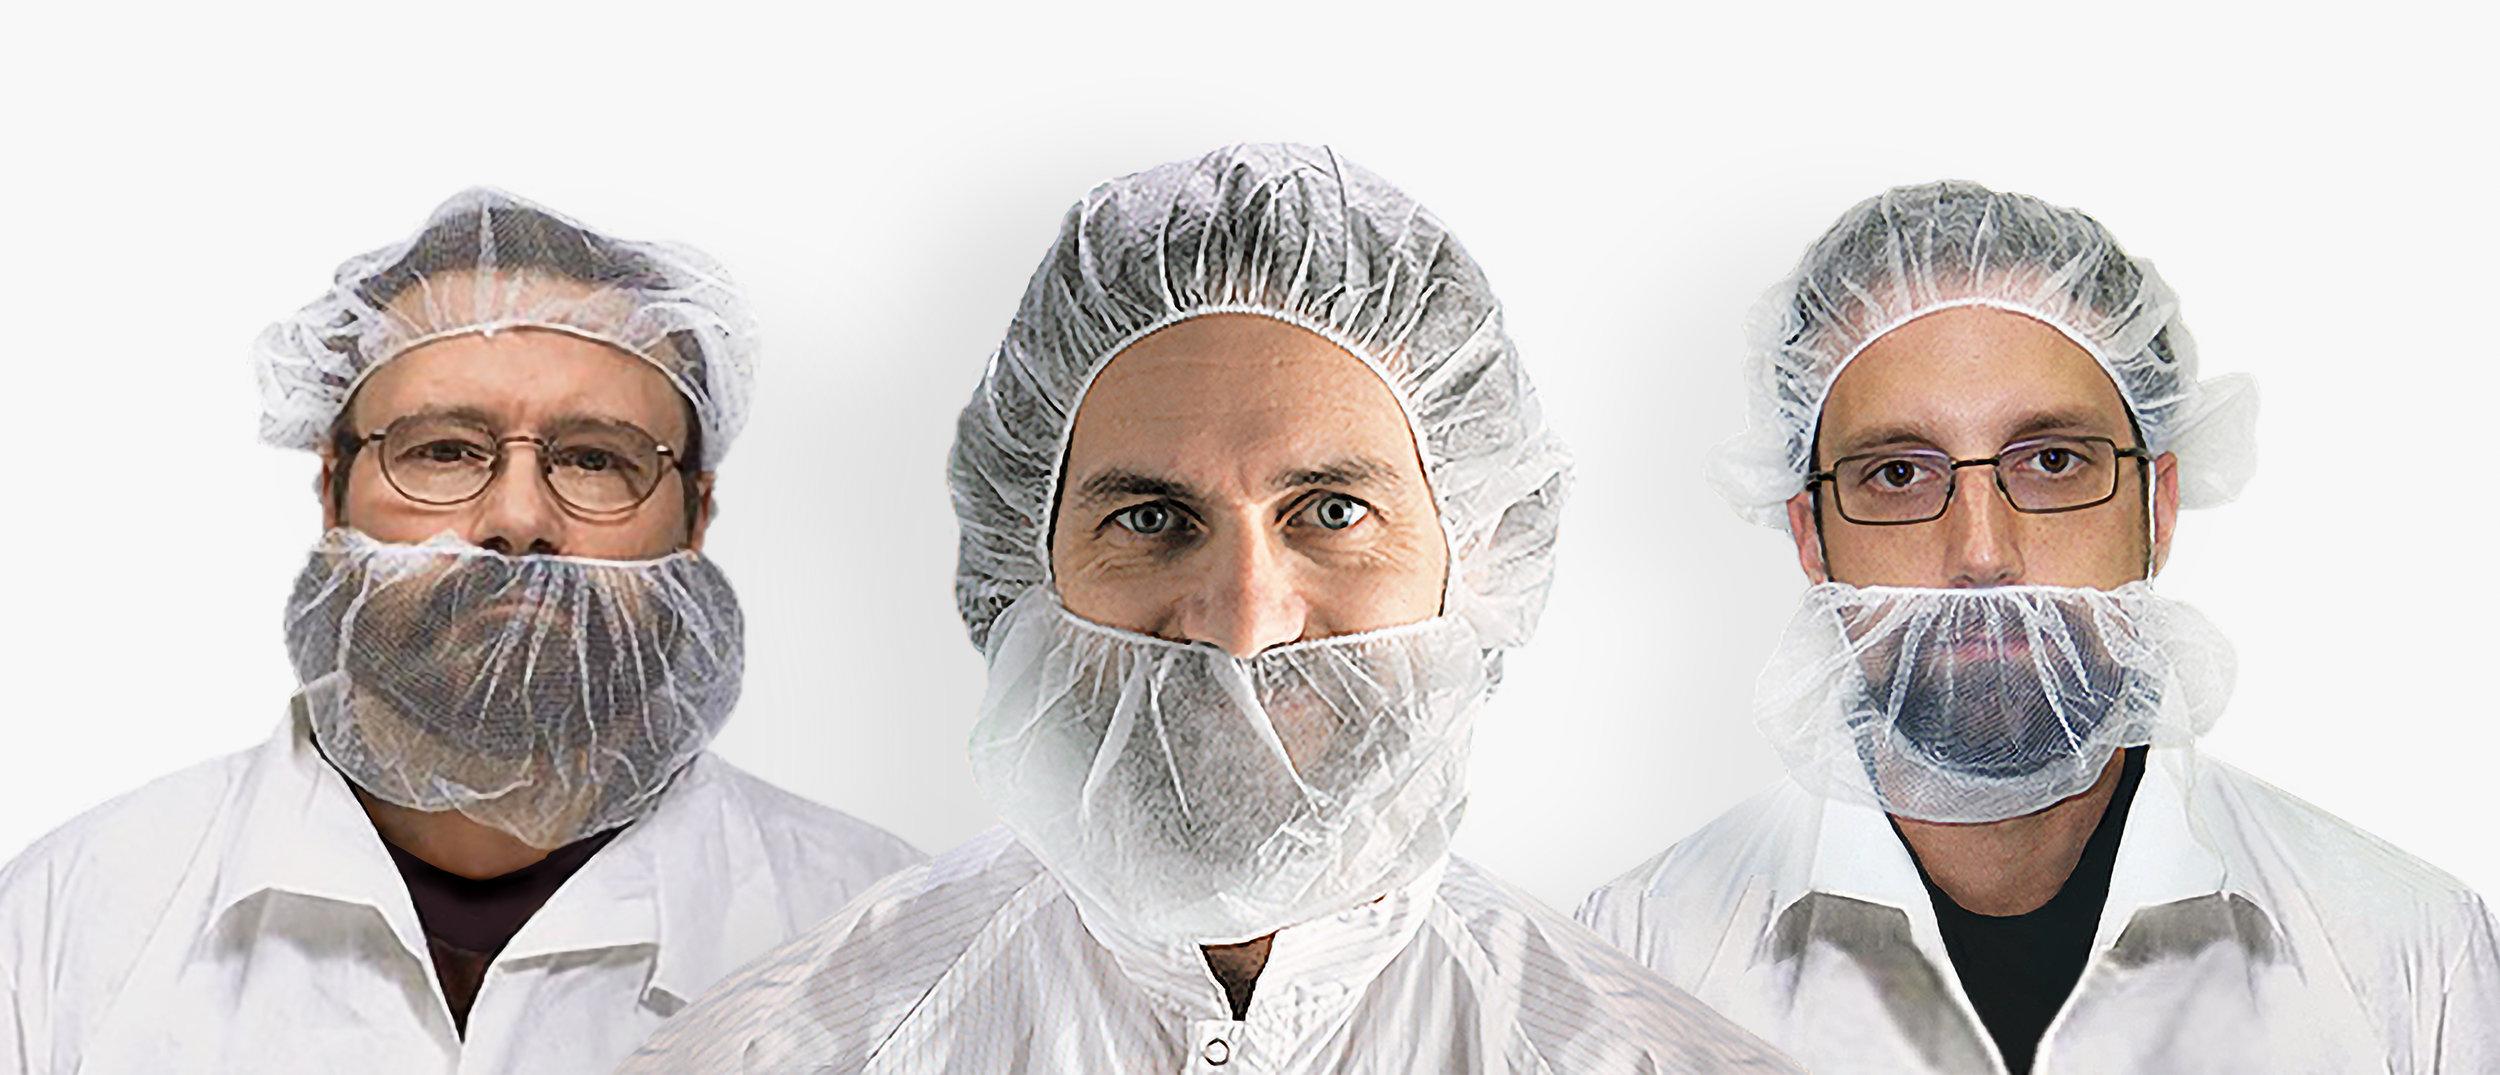 2 - White Shirt Beard Nets For Web.jpg